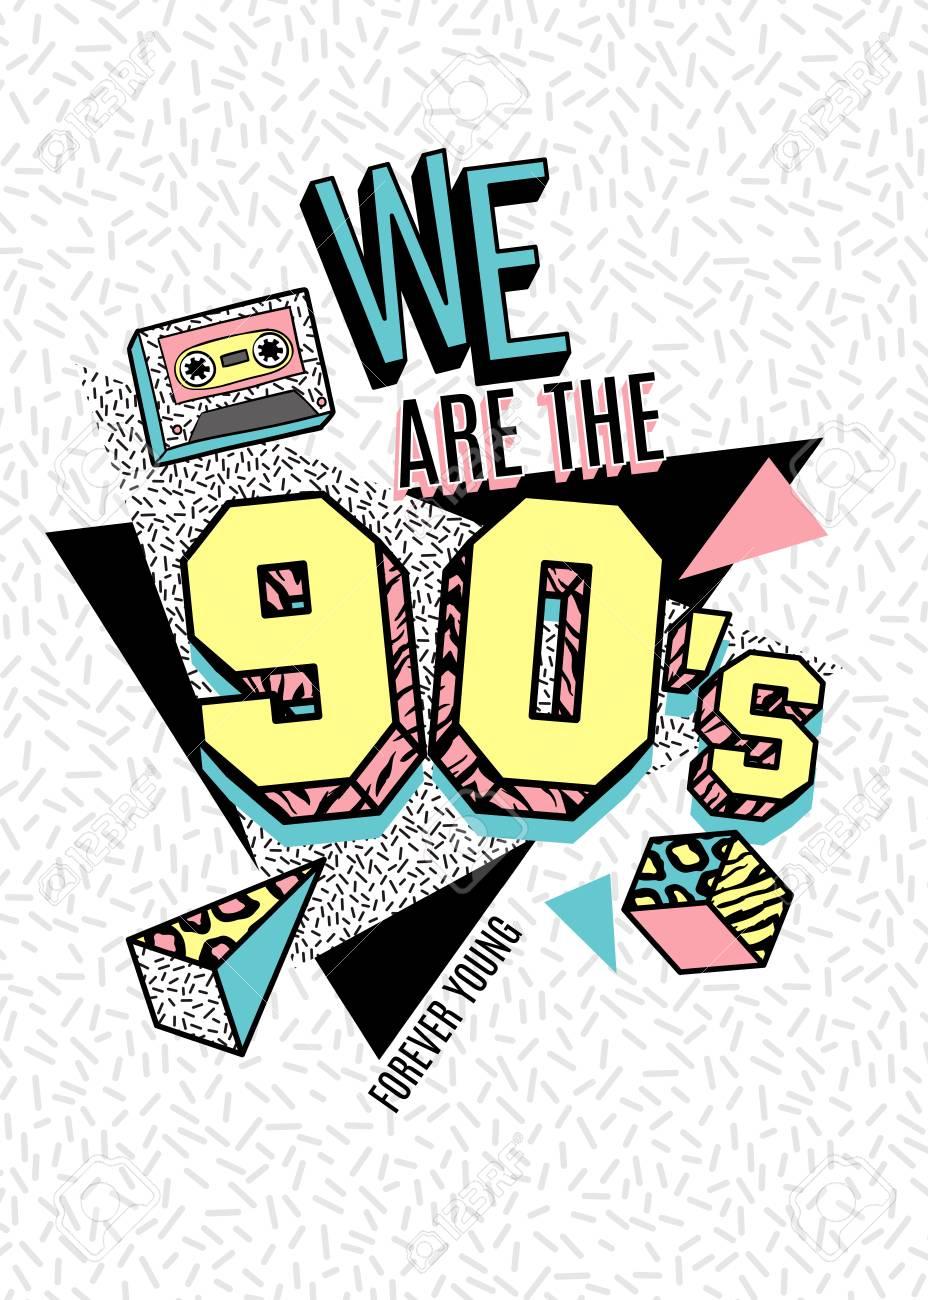 80 年代 90 年代のメンフィス スタイルのポスターのイラスト素材